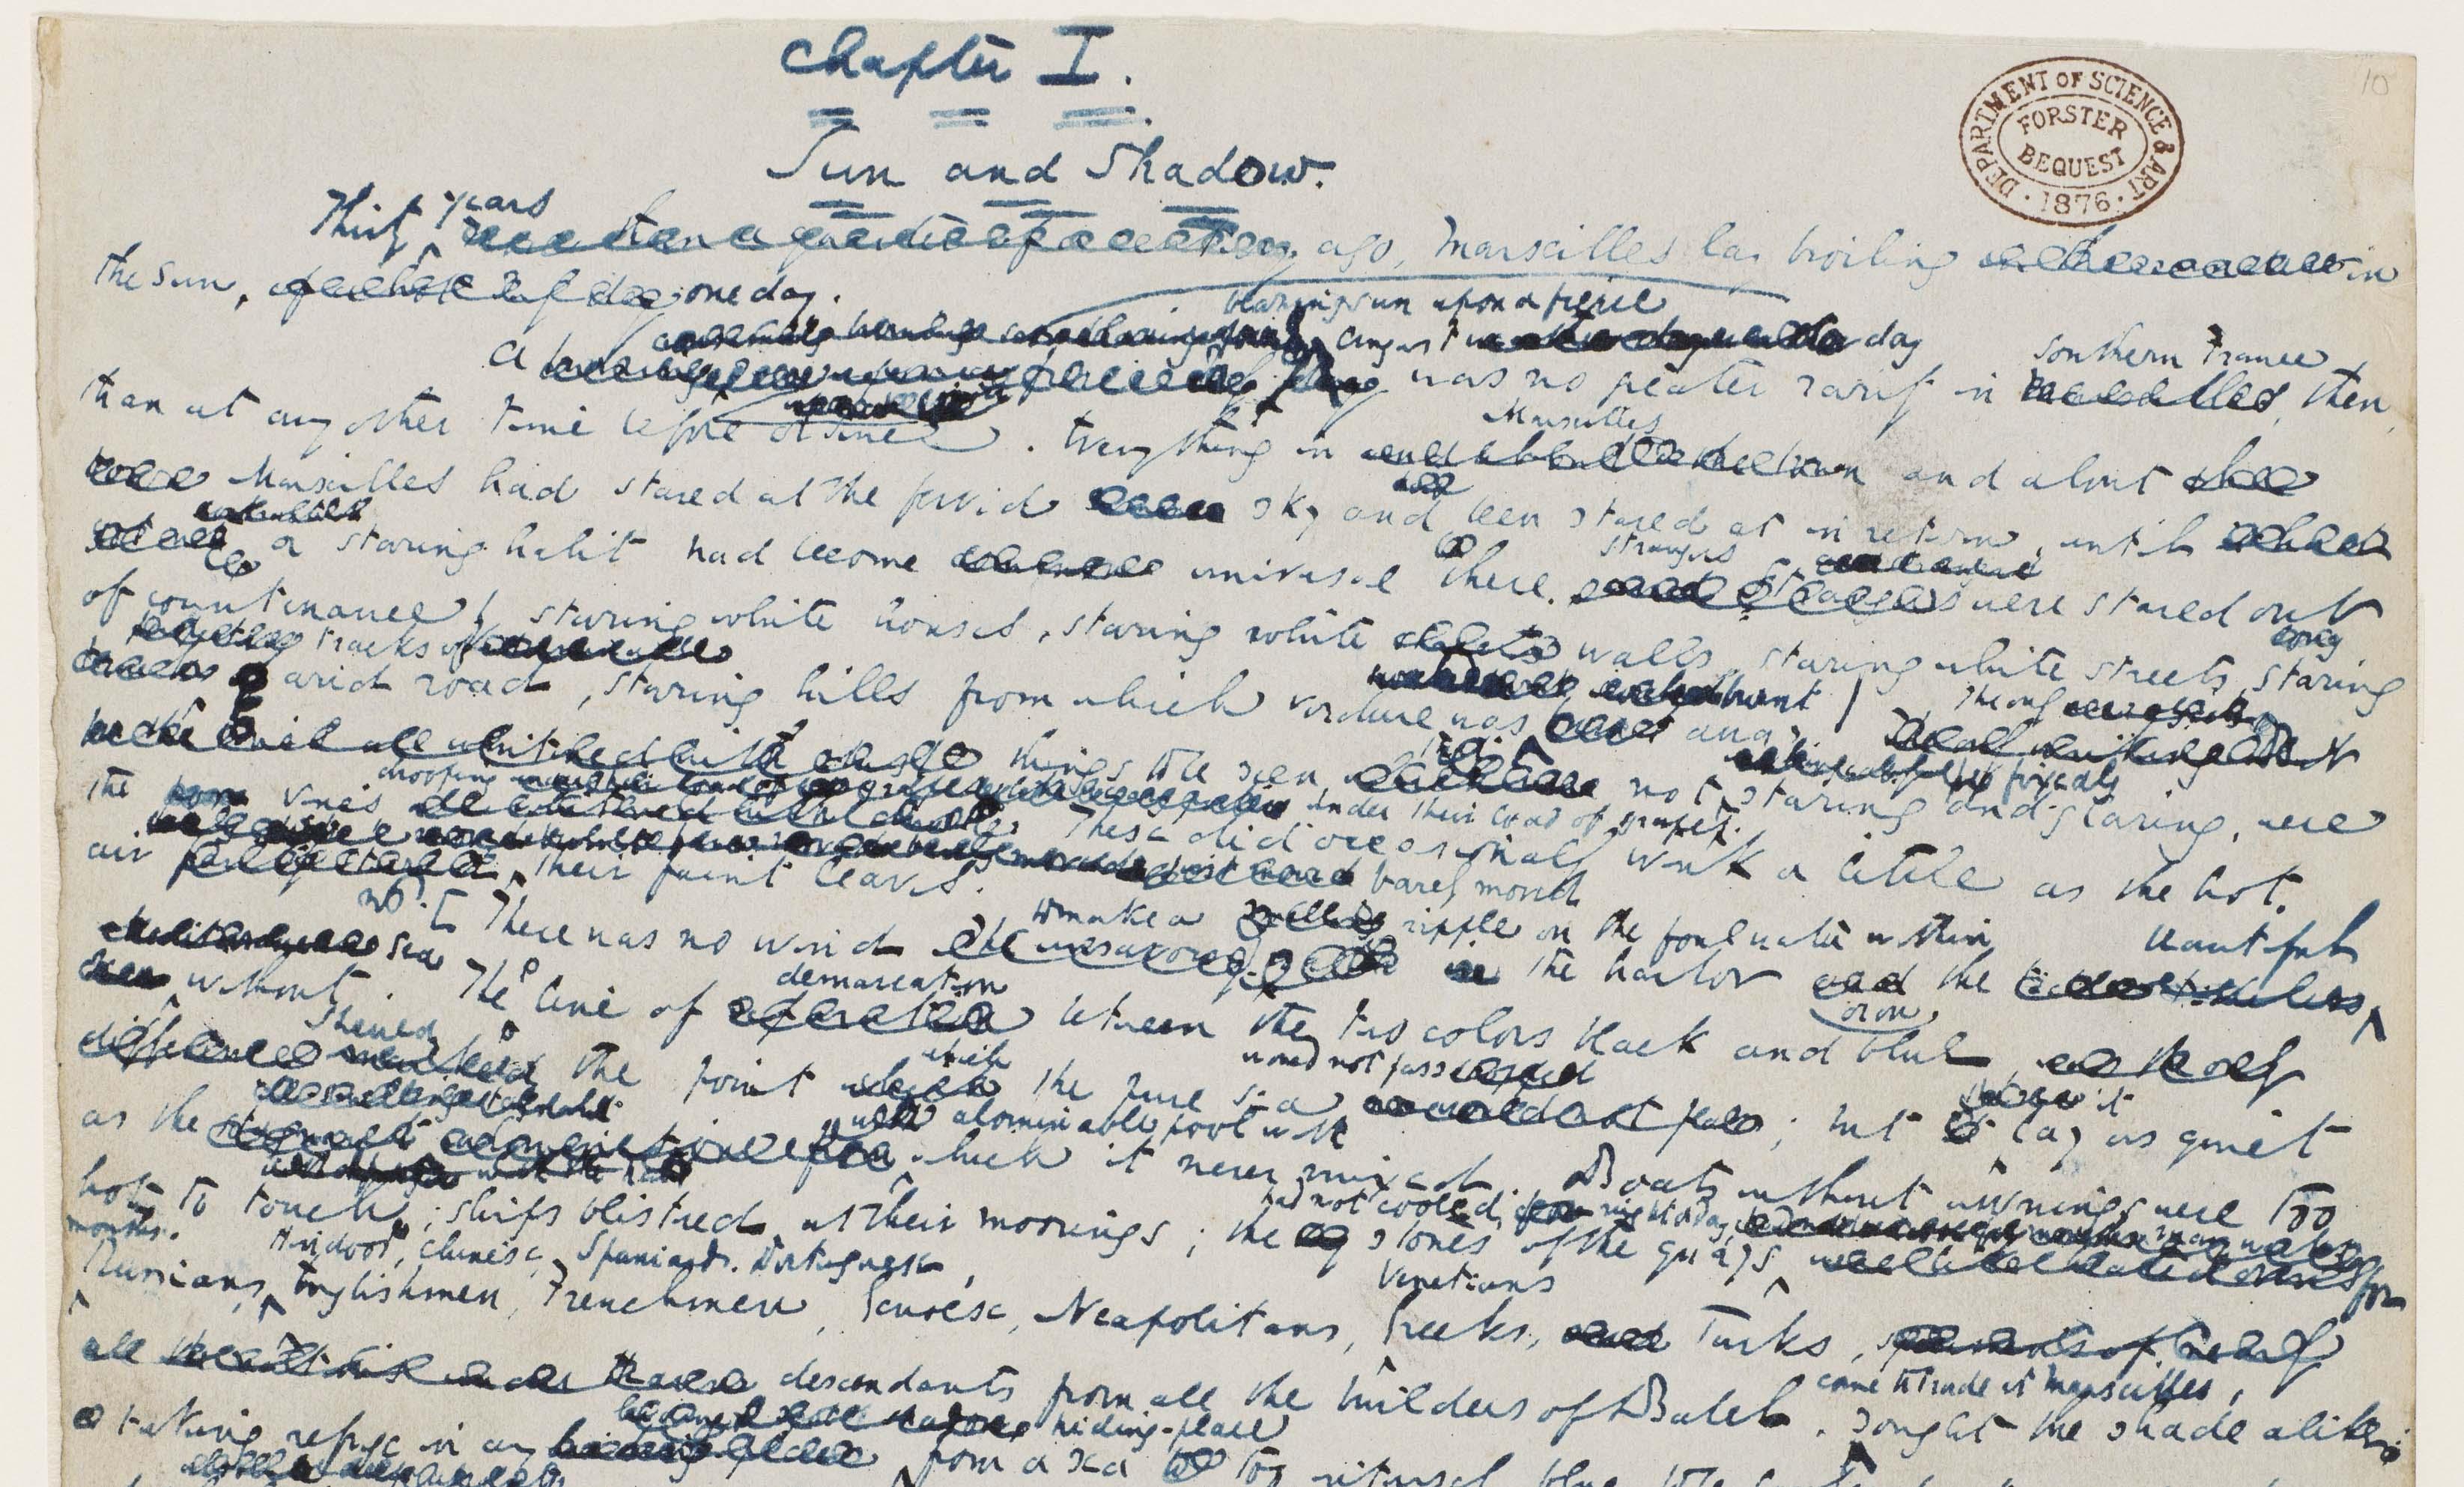 Charles Dickens, Little Dorrit manuscript, Chapter 1, 1855